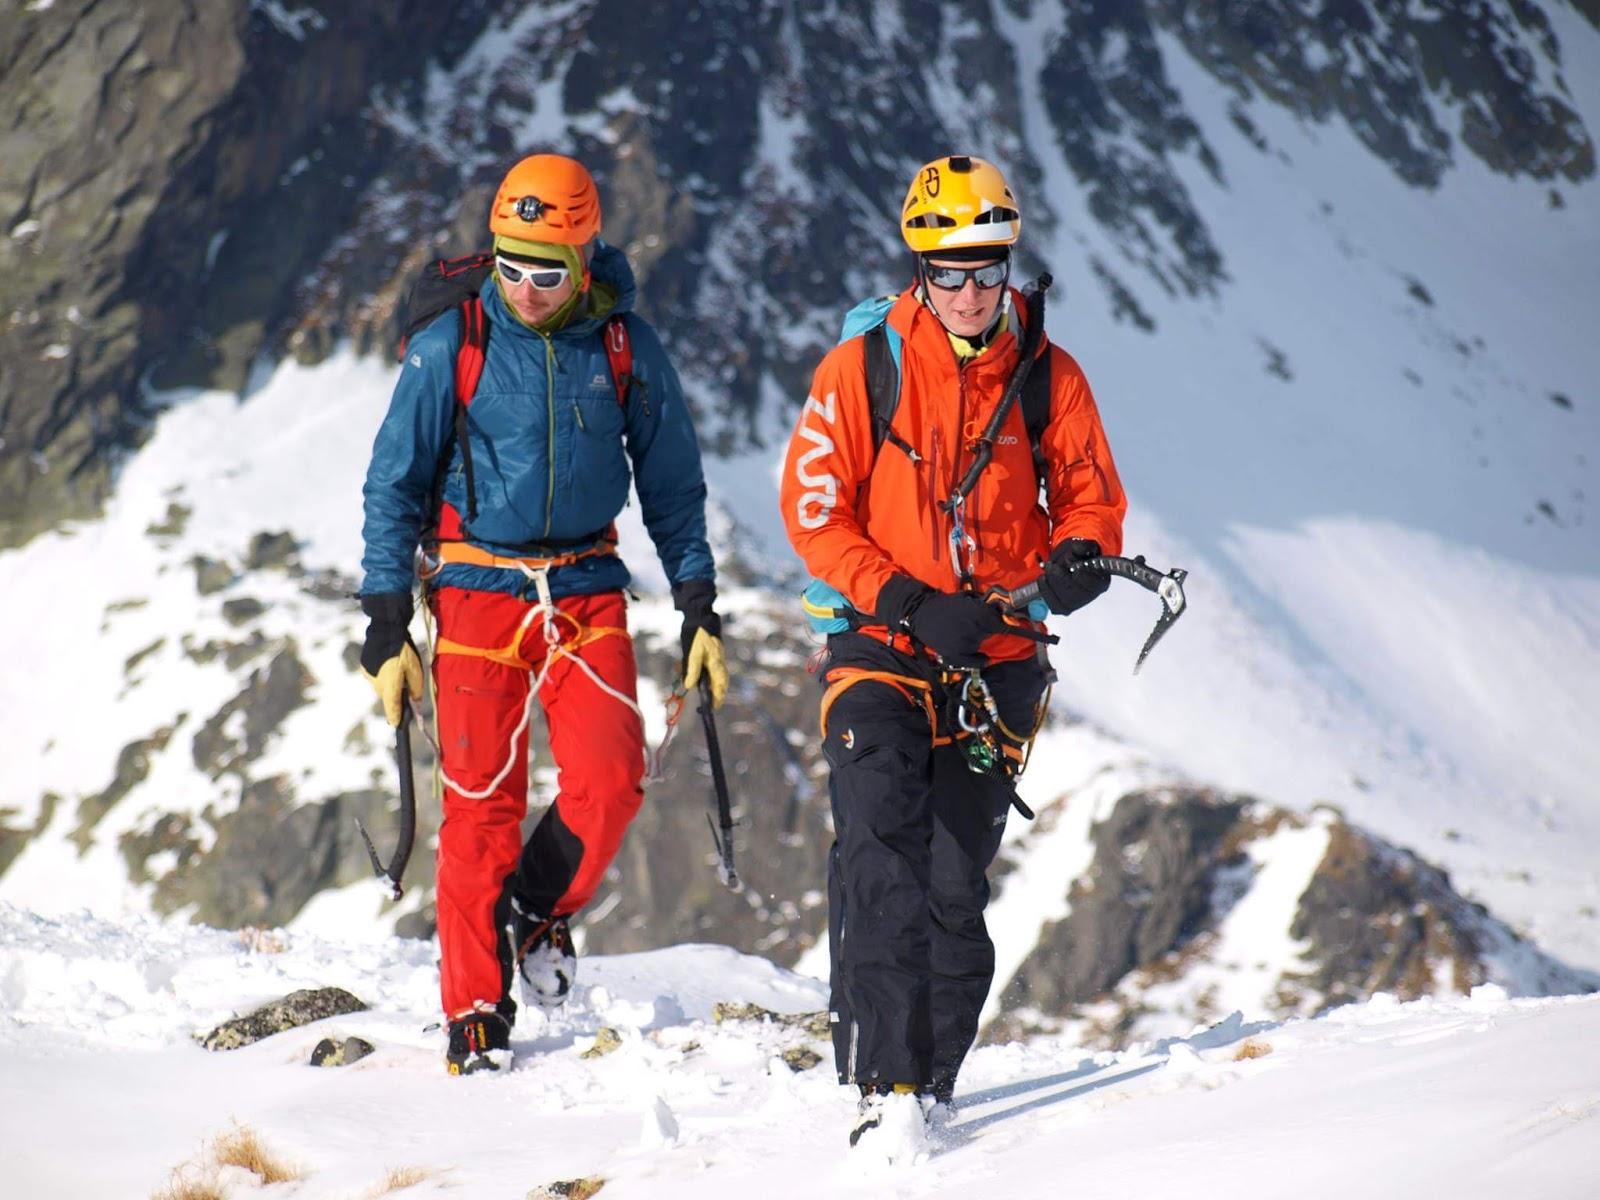 Expresky z hôr 100 - Neobvyklé horolezecké dobrodružstvo v Antarktíde, foto credit: Juraj Ďurifuk Koreň, zdroj: outdoorfilmy.sk